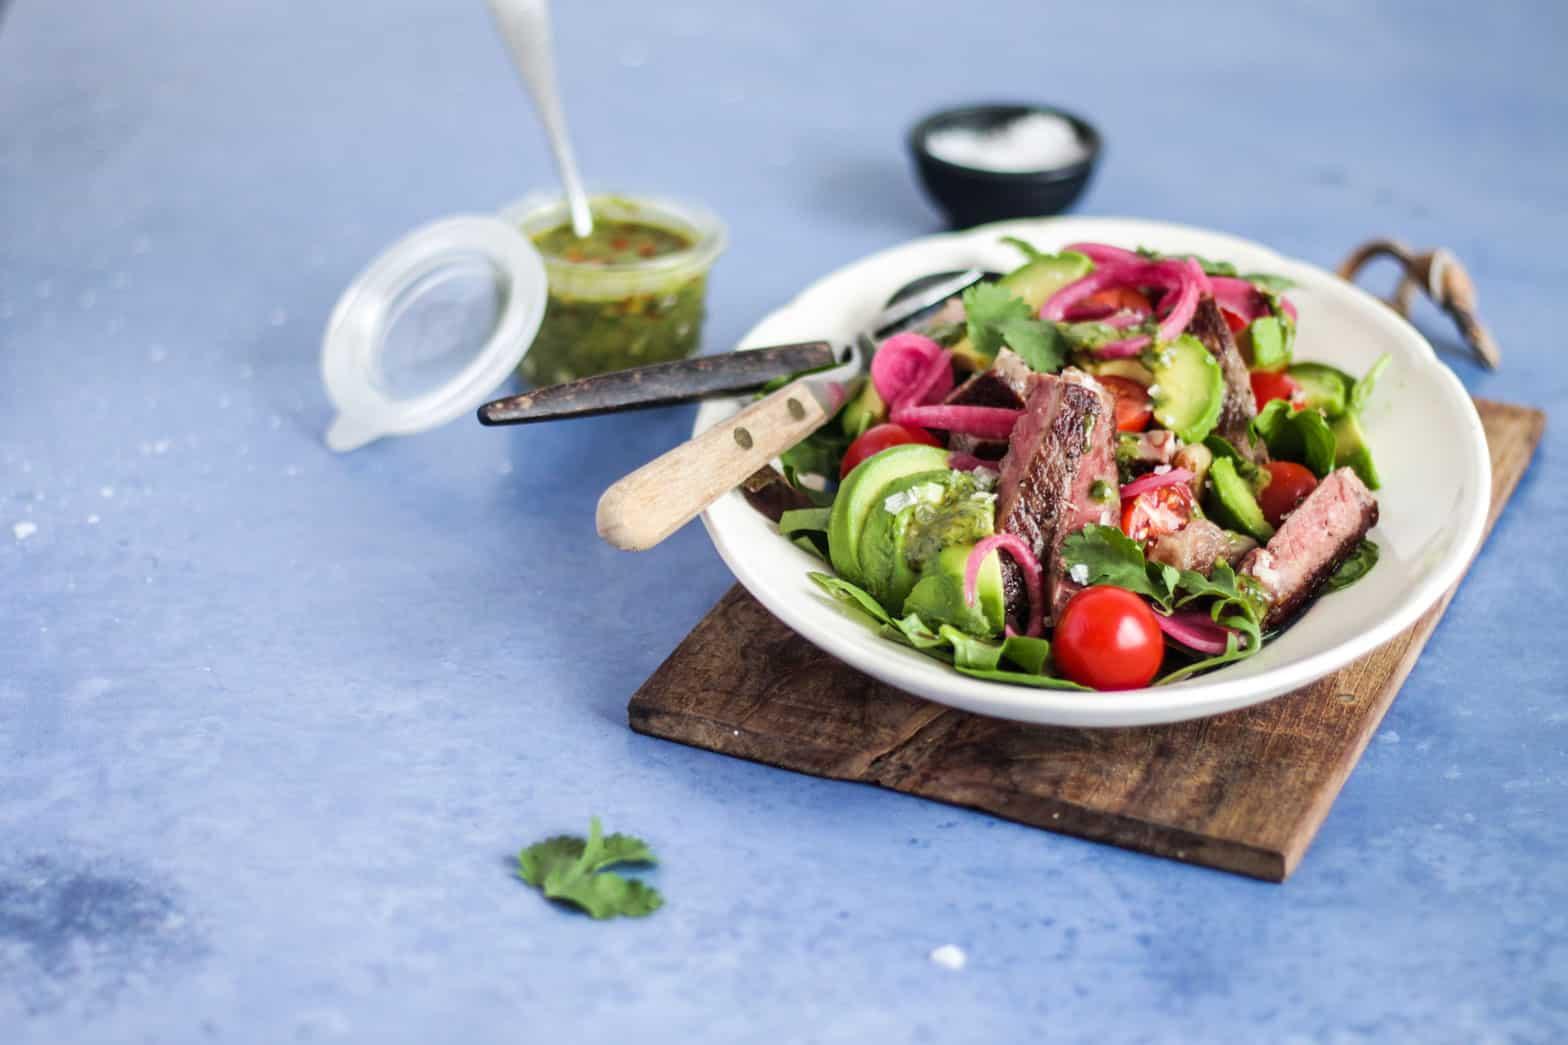 Steaksalat - lækker LCHF/keto salat med genial brug af rester